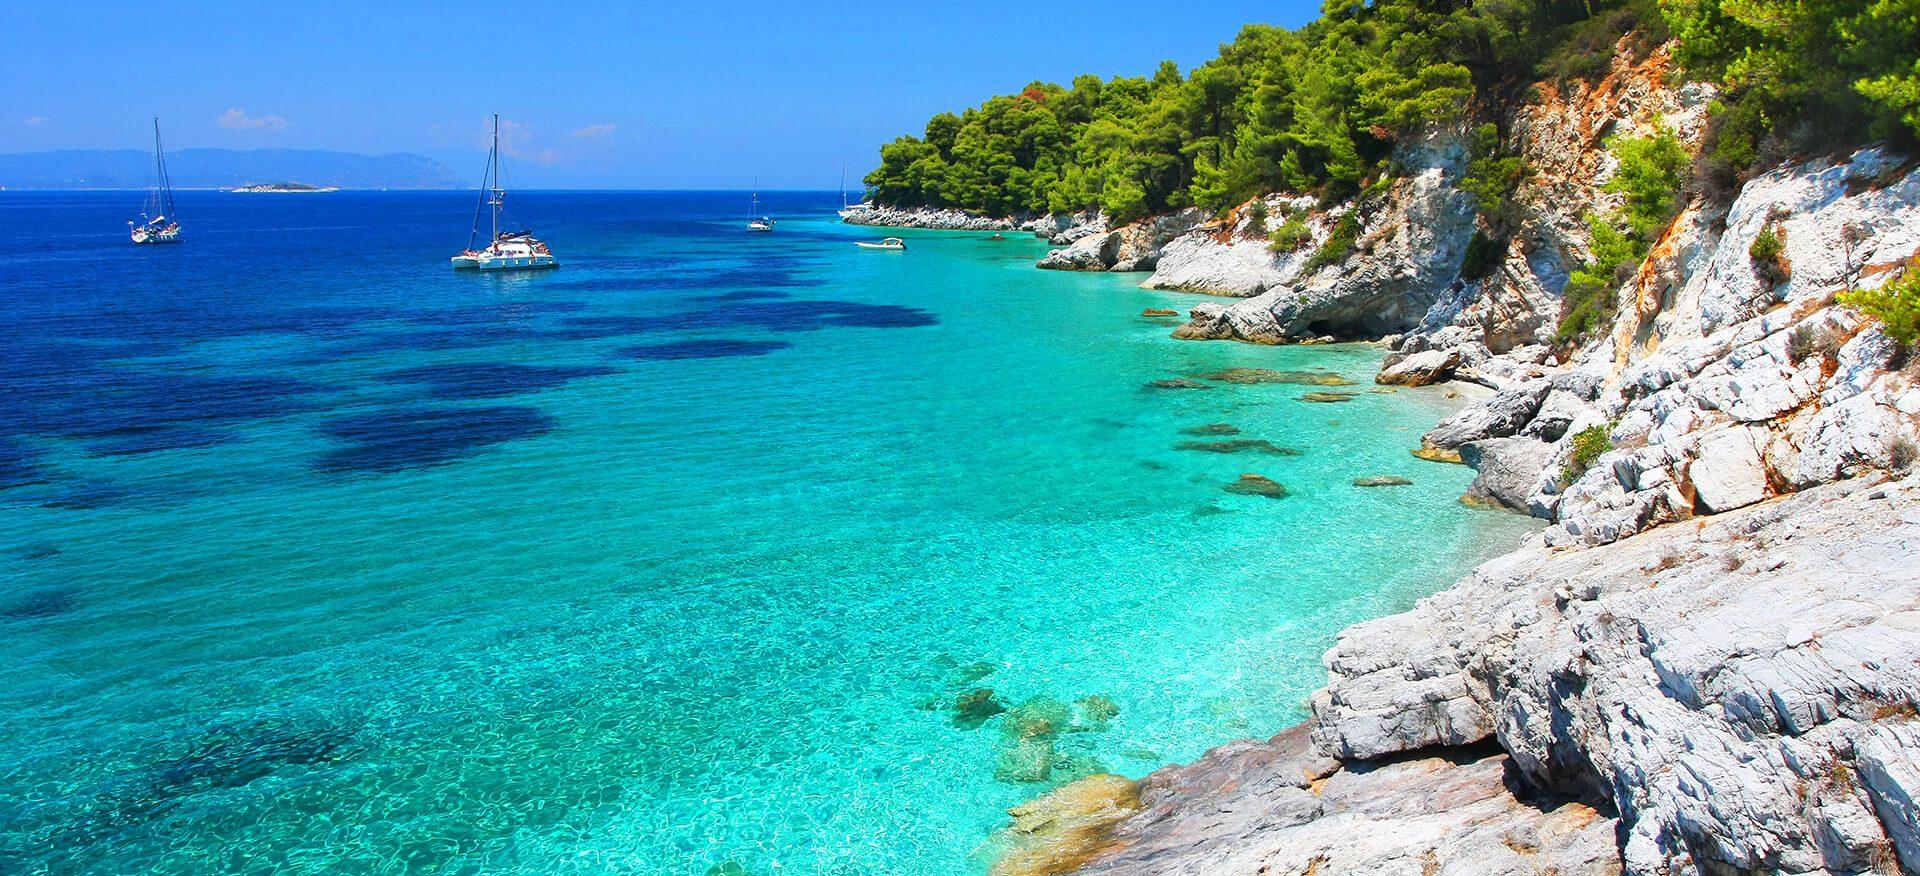 Εκδρομή στις Σποράδες για το Καλοκαίρι | Ταξιδέψτε στη Σκιάθο, τη Σκόπελο και την Αλόννησο με το Prima Holidays